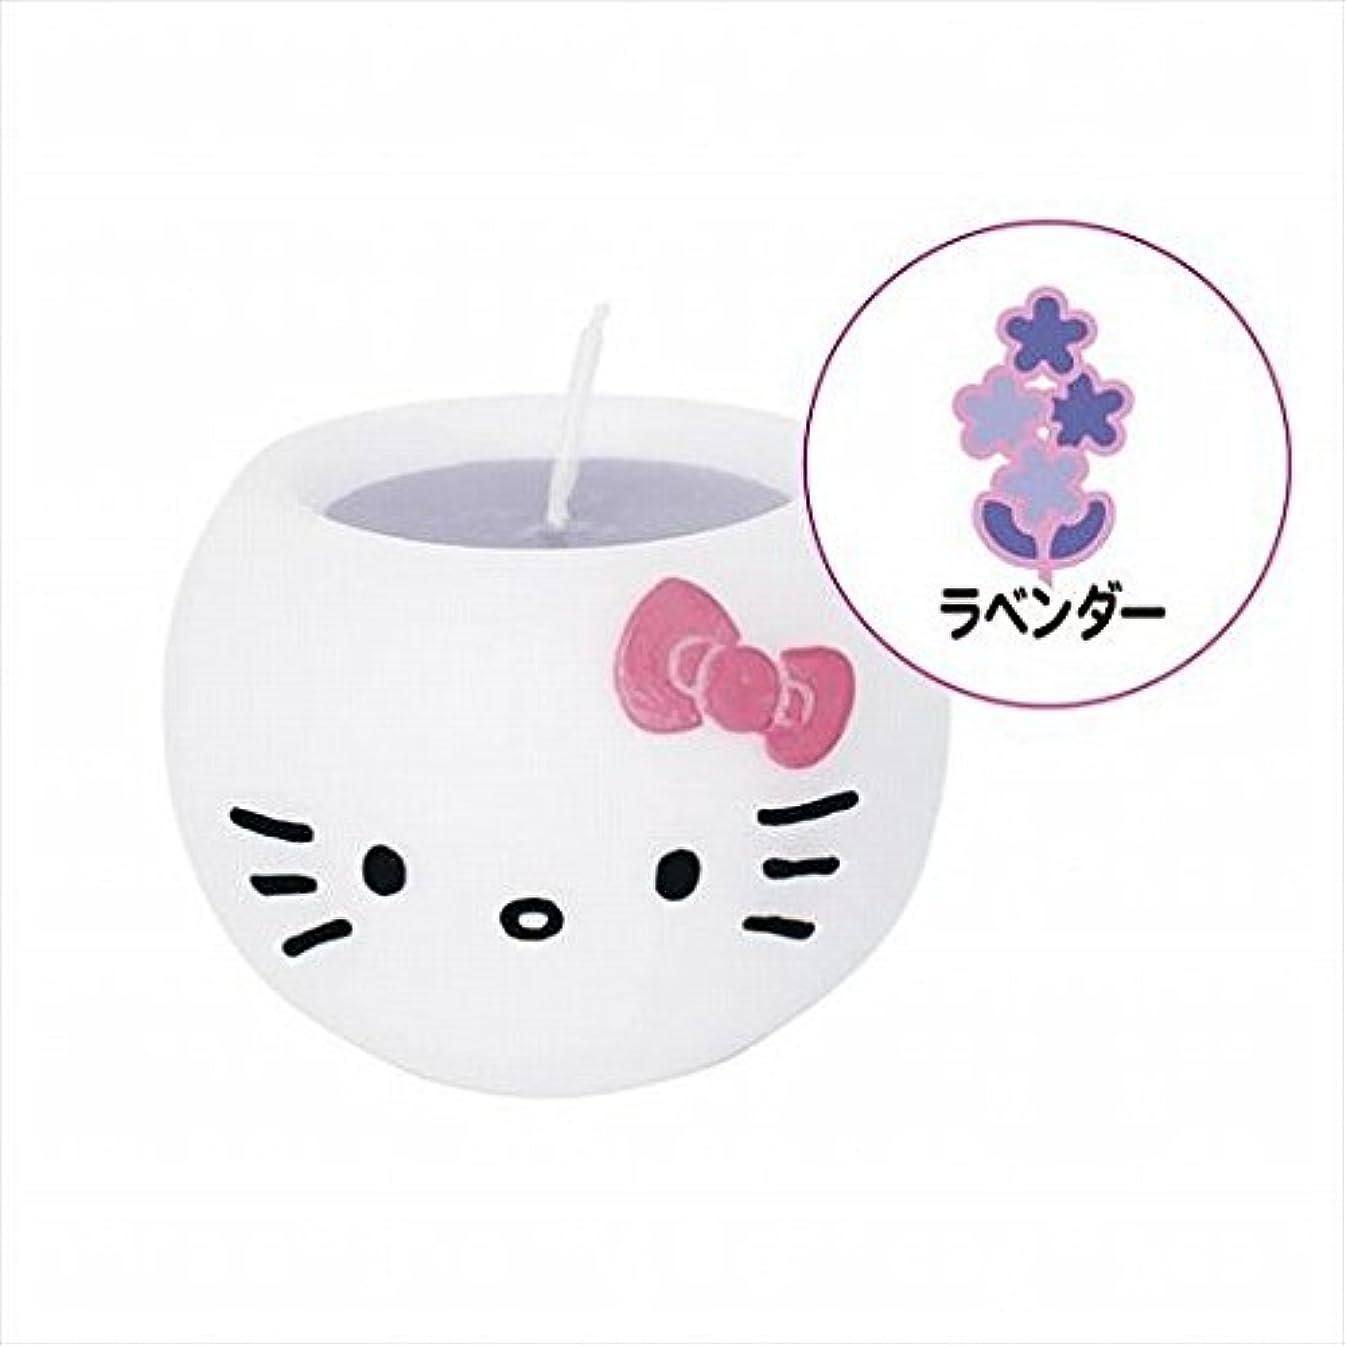 パッケージエキサイティングファウルkameyama candle(カメヤマキャンドル) ハローキティアロマキャンドル 「 ラベンダー 」 キャンドル 58x58x45mm (A6980520)